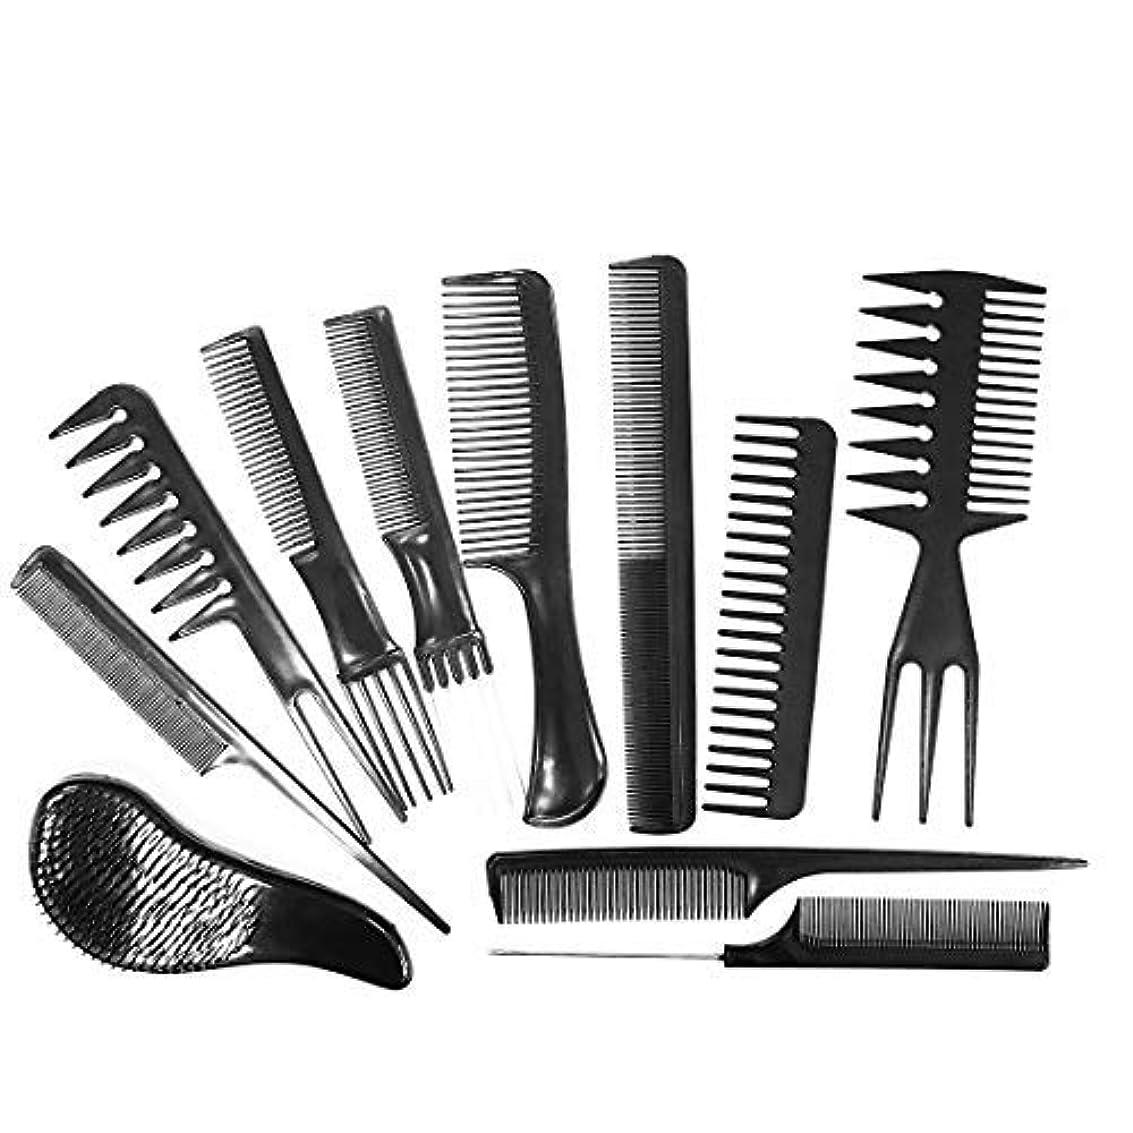 男らしさ中傷回復するDaimay Professional Hair Styling Comb Set Hair Styling Clips Salon Hair Styling Barbers Comb Set Variety Pack...